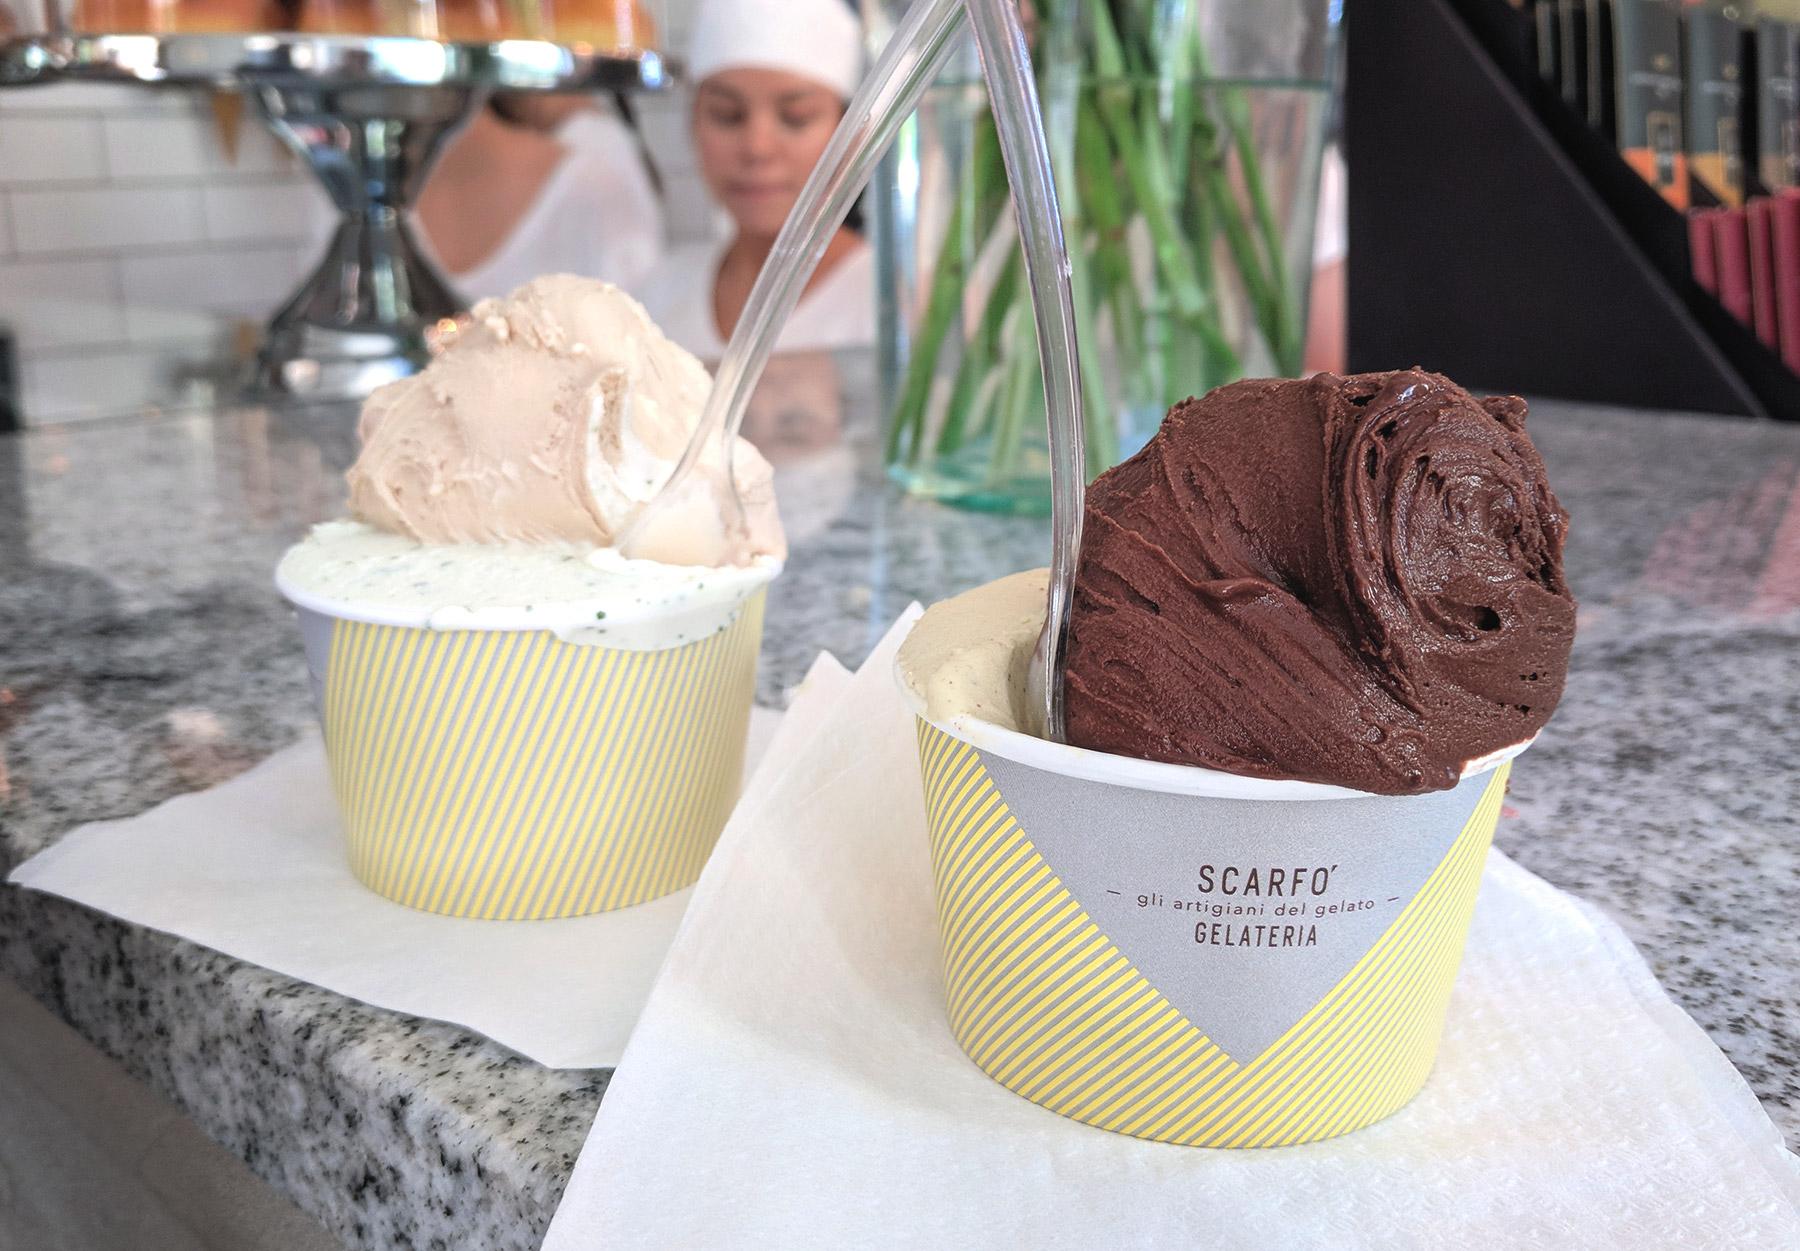 Cups of gelato